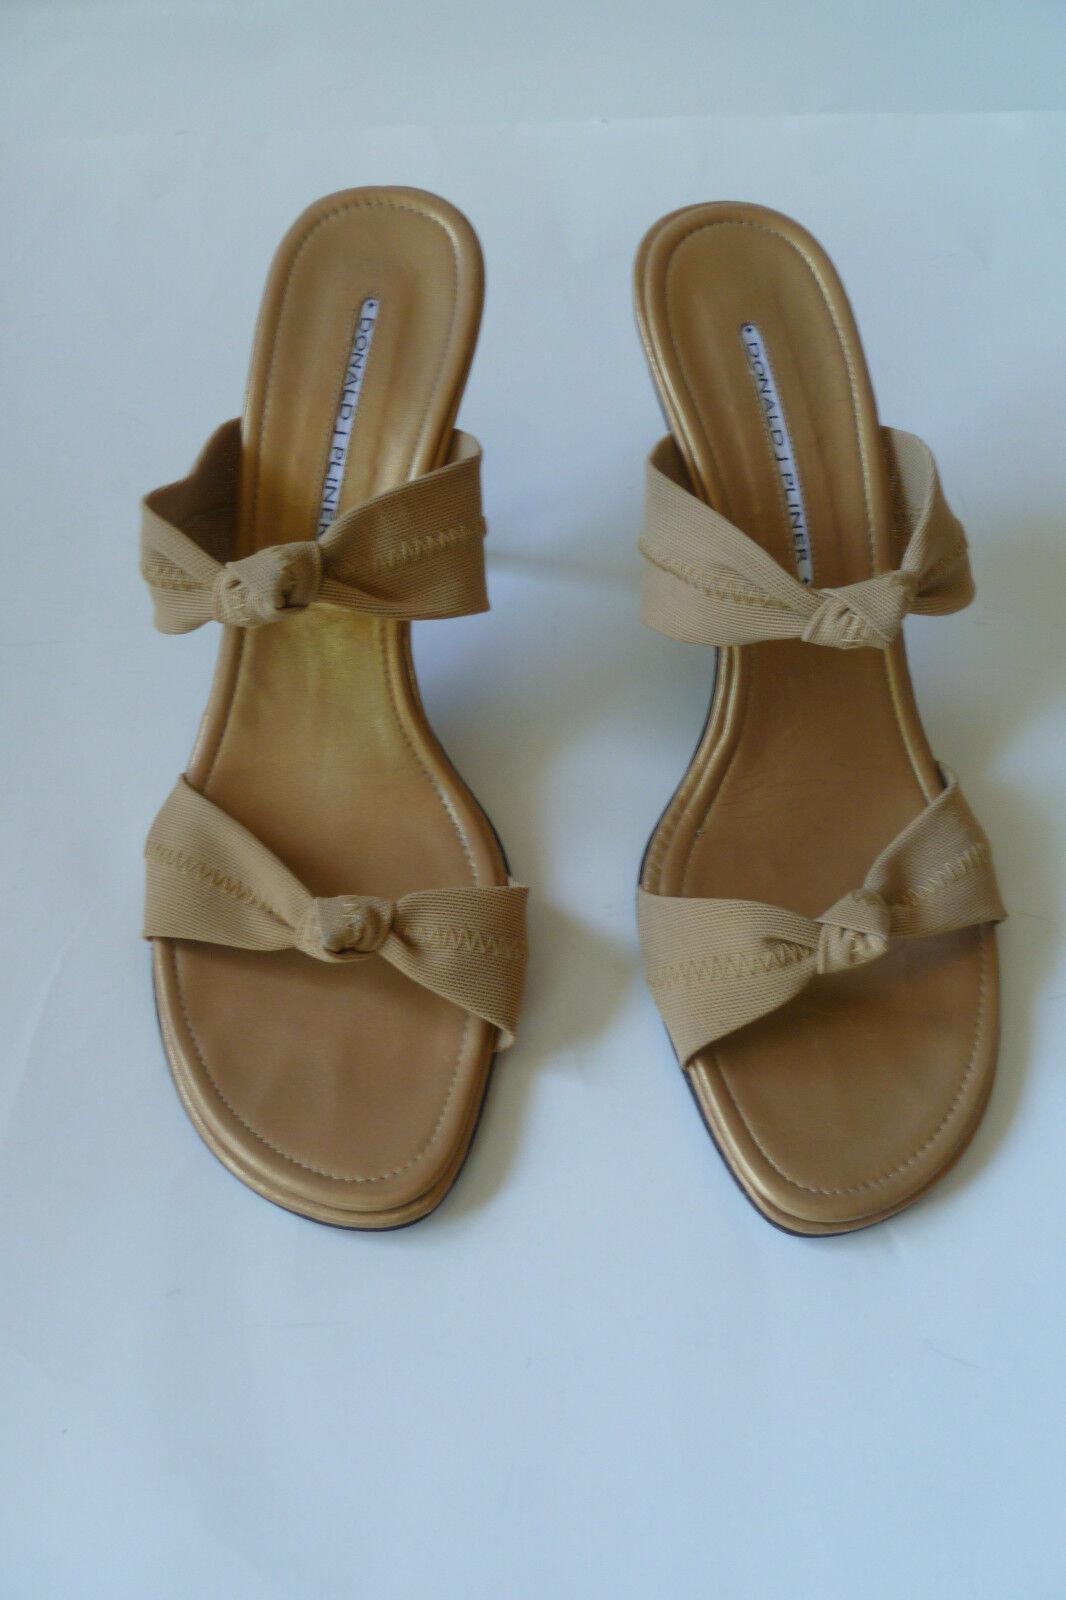 DONALD J PLINER high heel slide sandal taupe and gold size 10 M